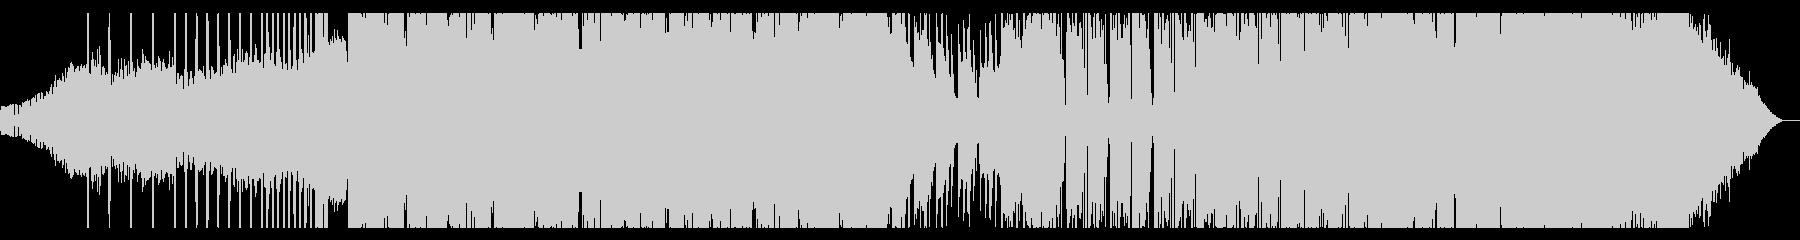 サイケデリックなIDMの未再生の波形